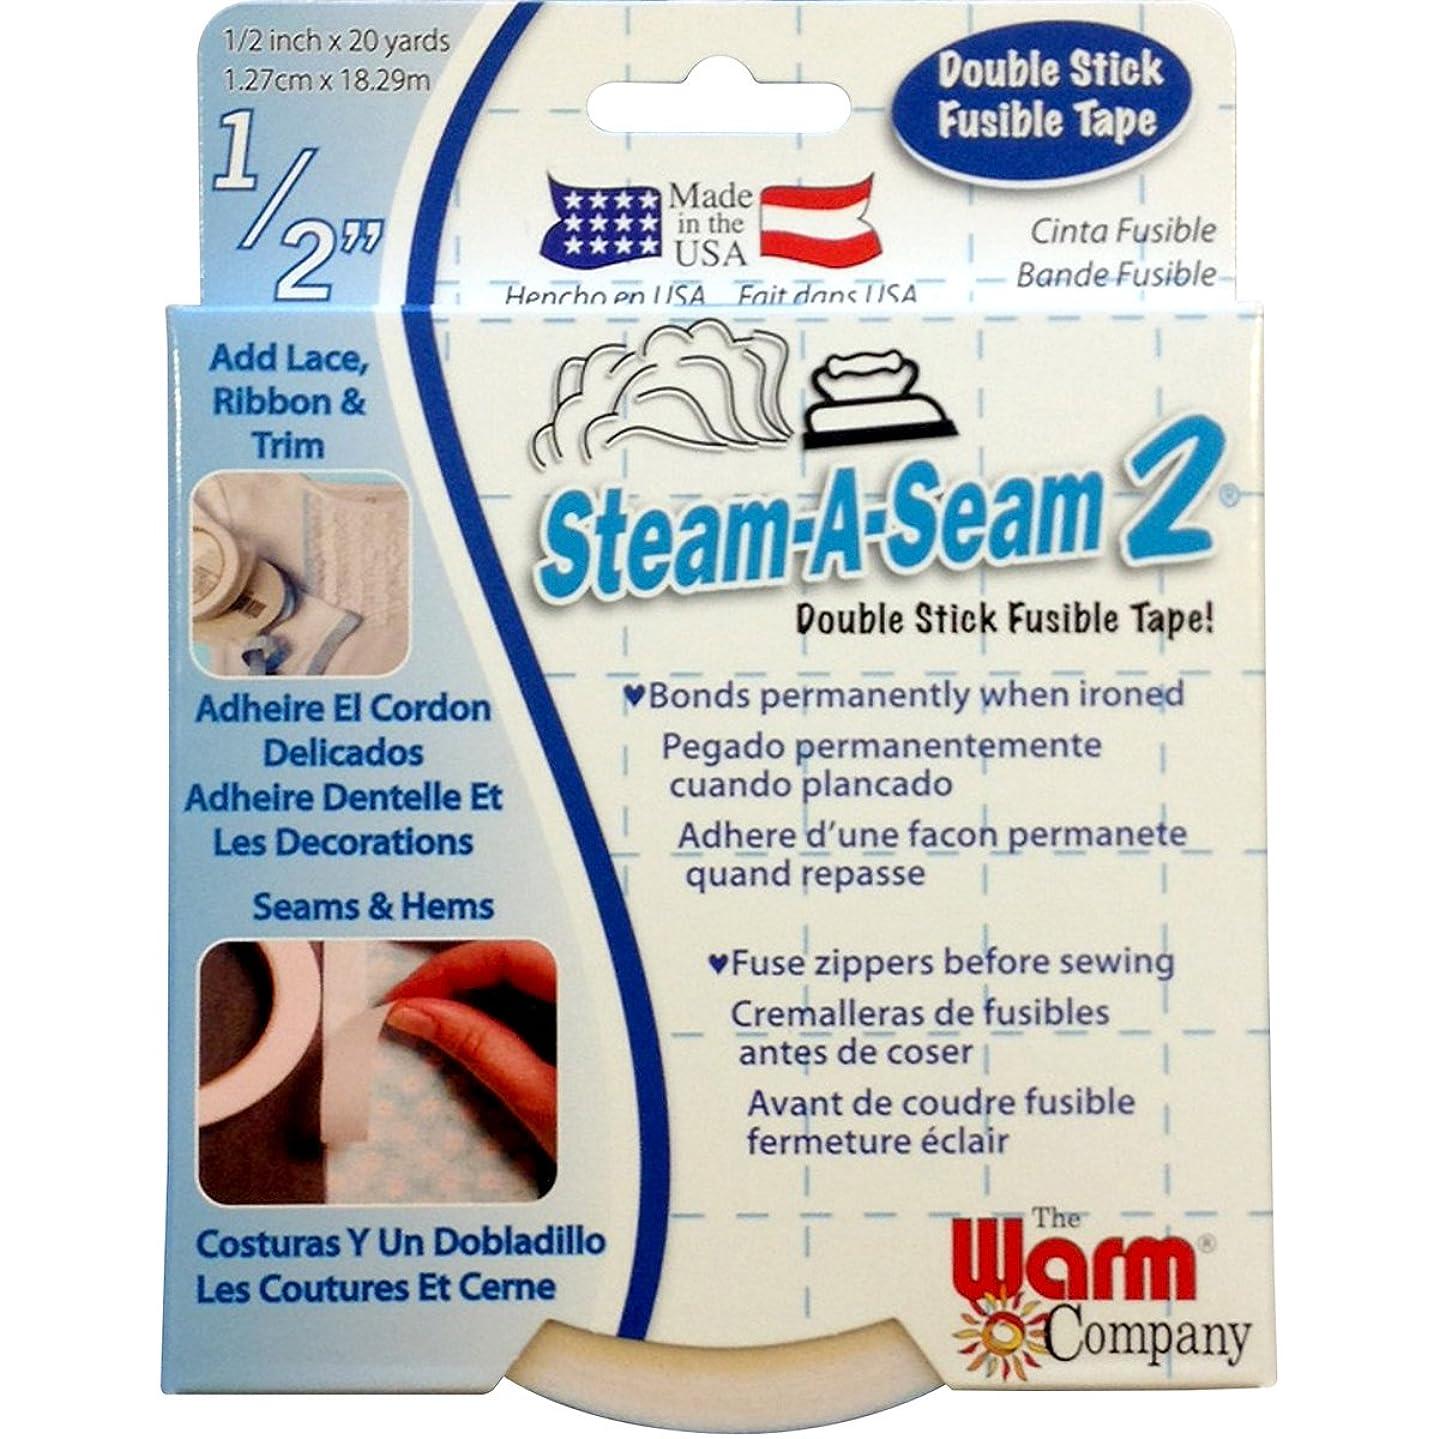 Warm Company Steam-A-Seam 2 Double Stick Fusible Tape 1/2